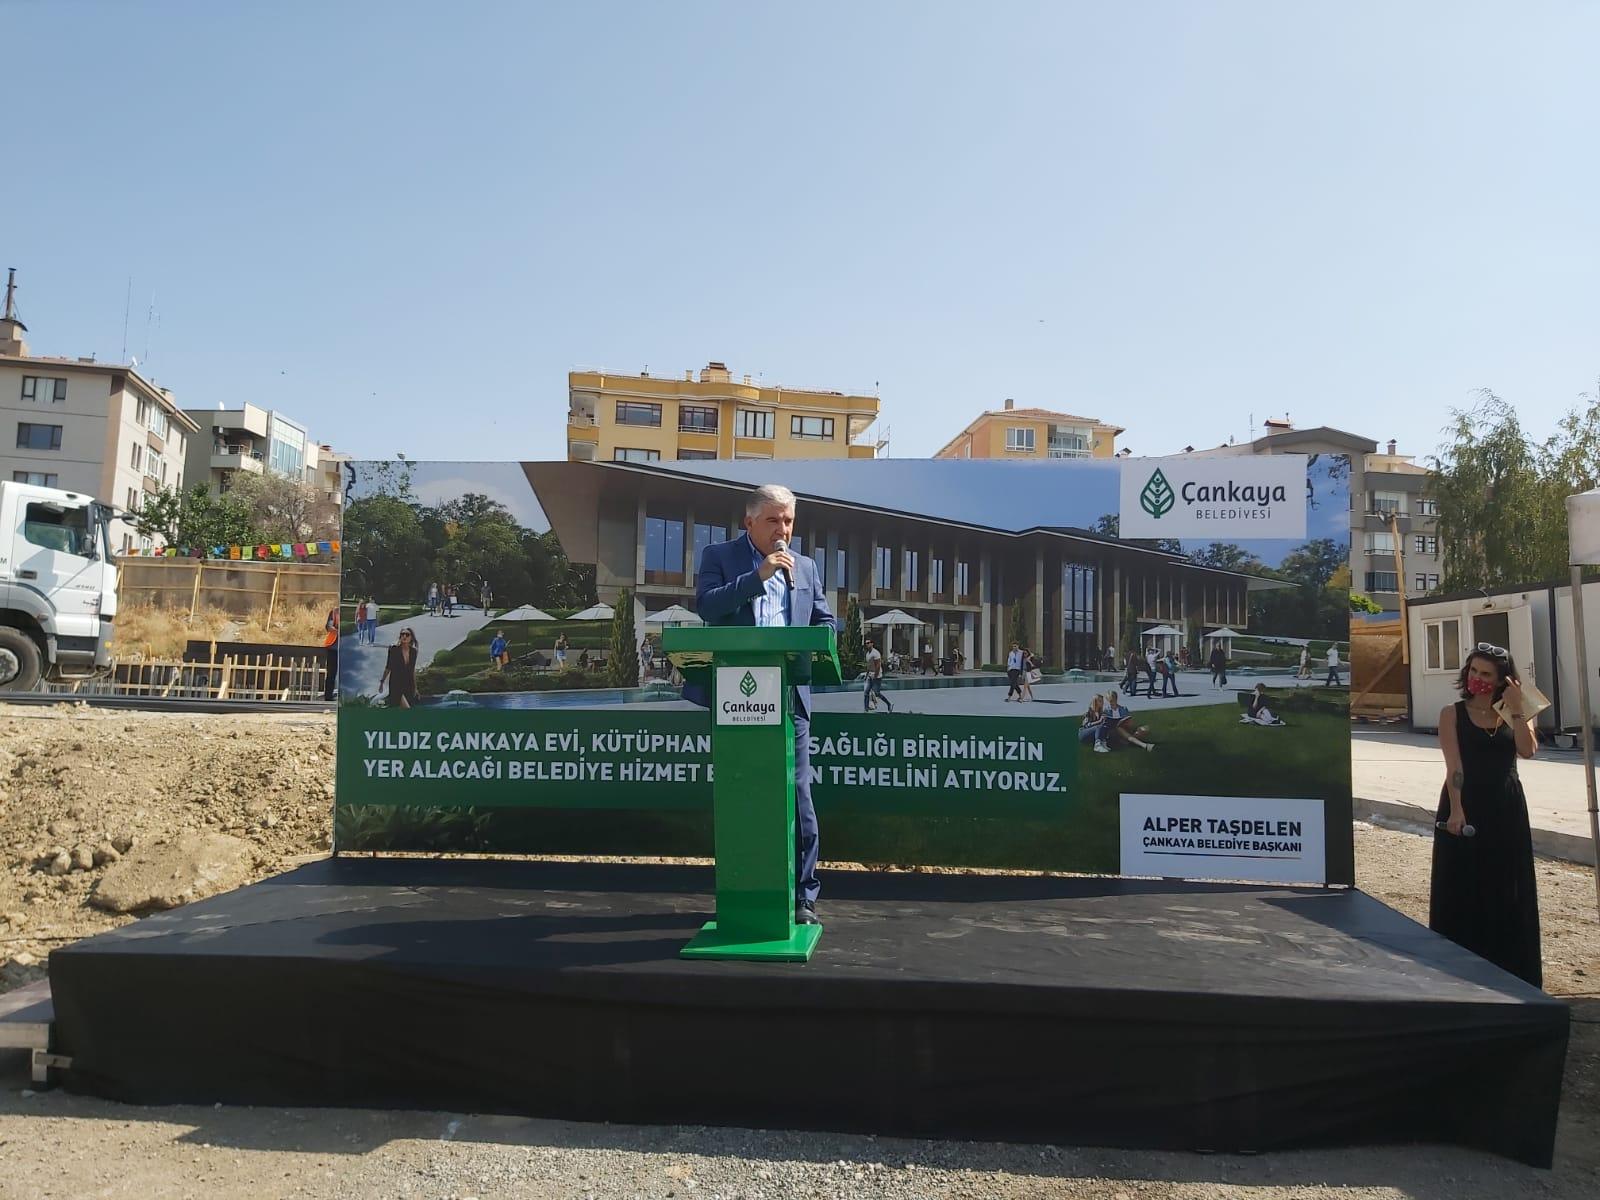 cankaya belediyesi yildiz cankaya evi ve hizmet binasi temel atma toreni